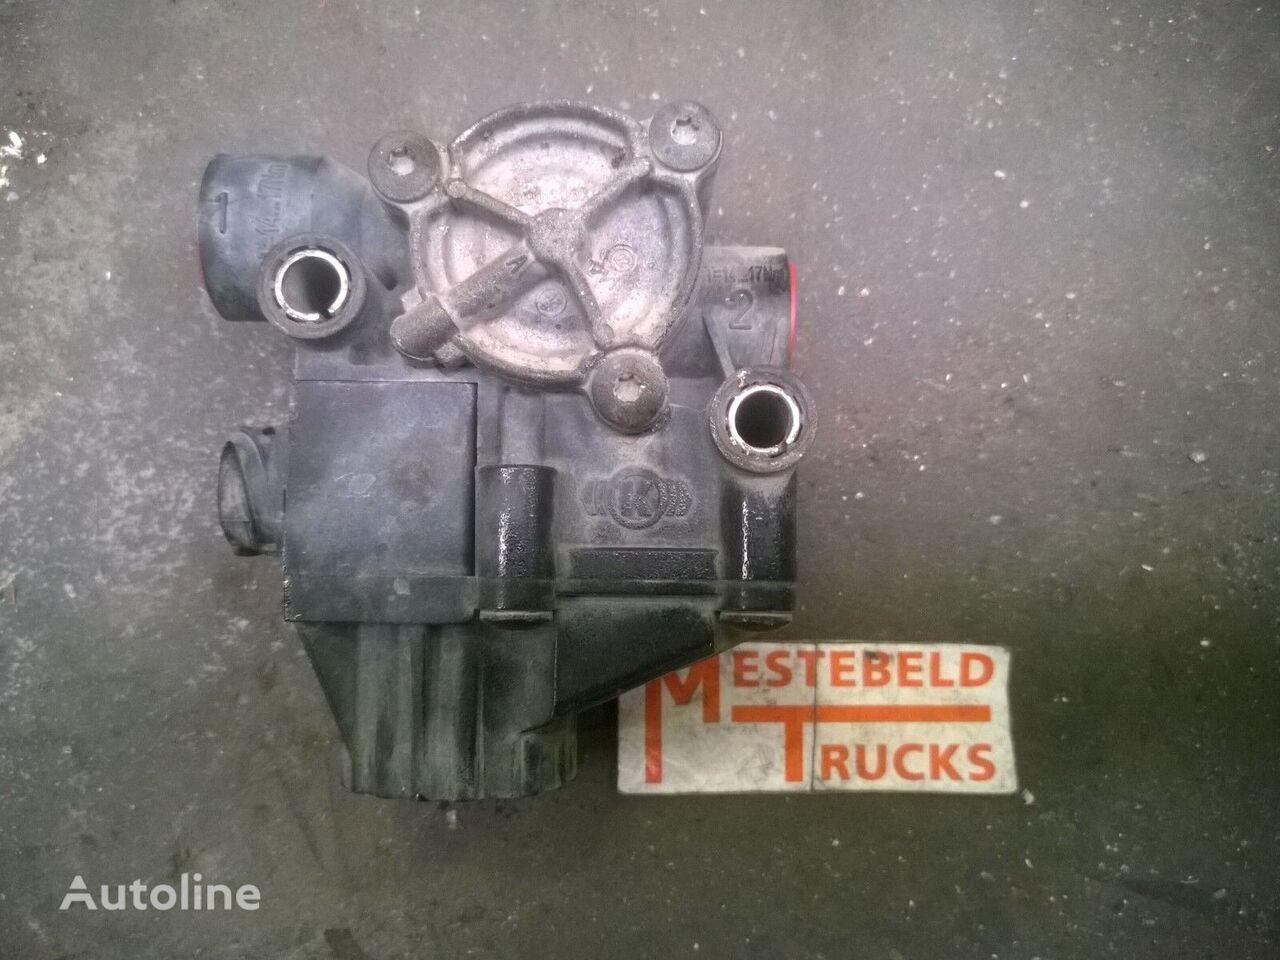 MAN ABS magneetventiel klep voor MAN ABS magneetventiel L2000 vrachtwagen